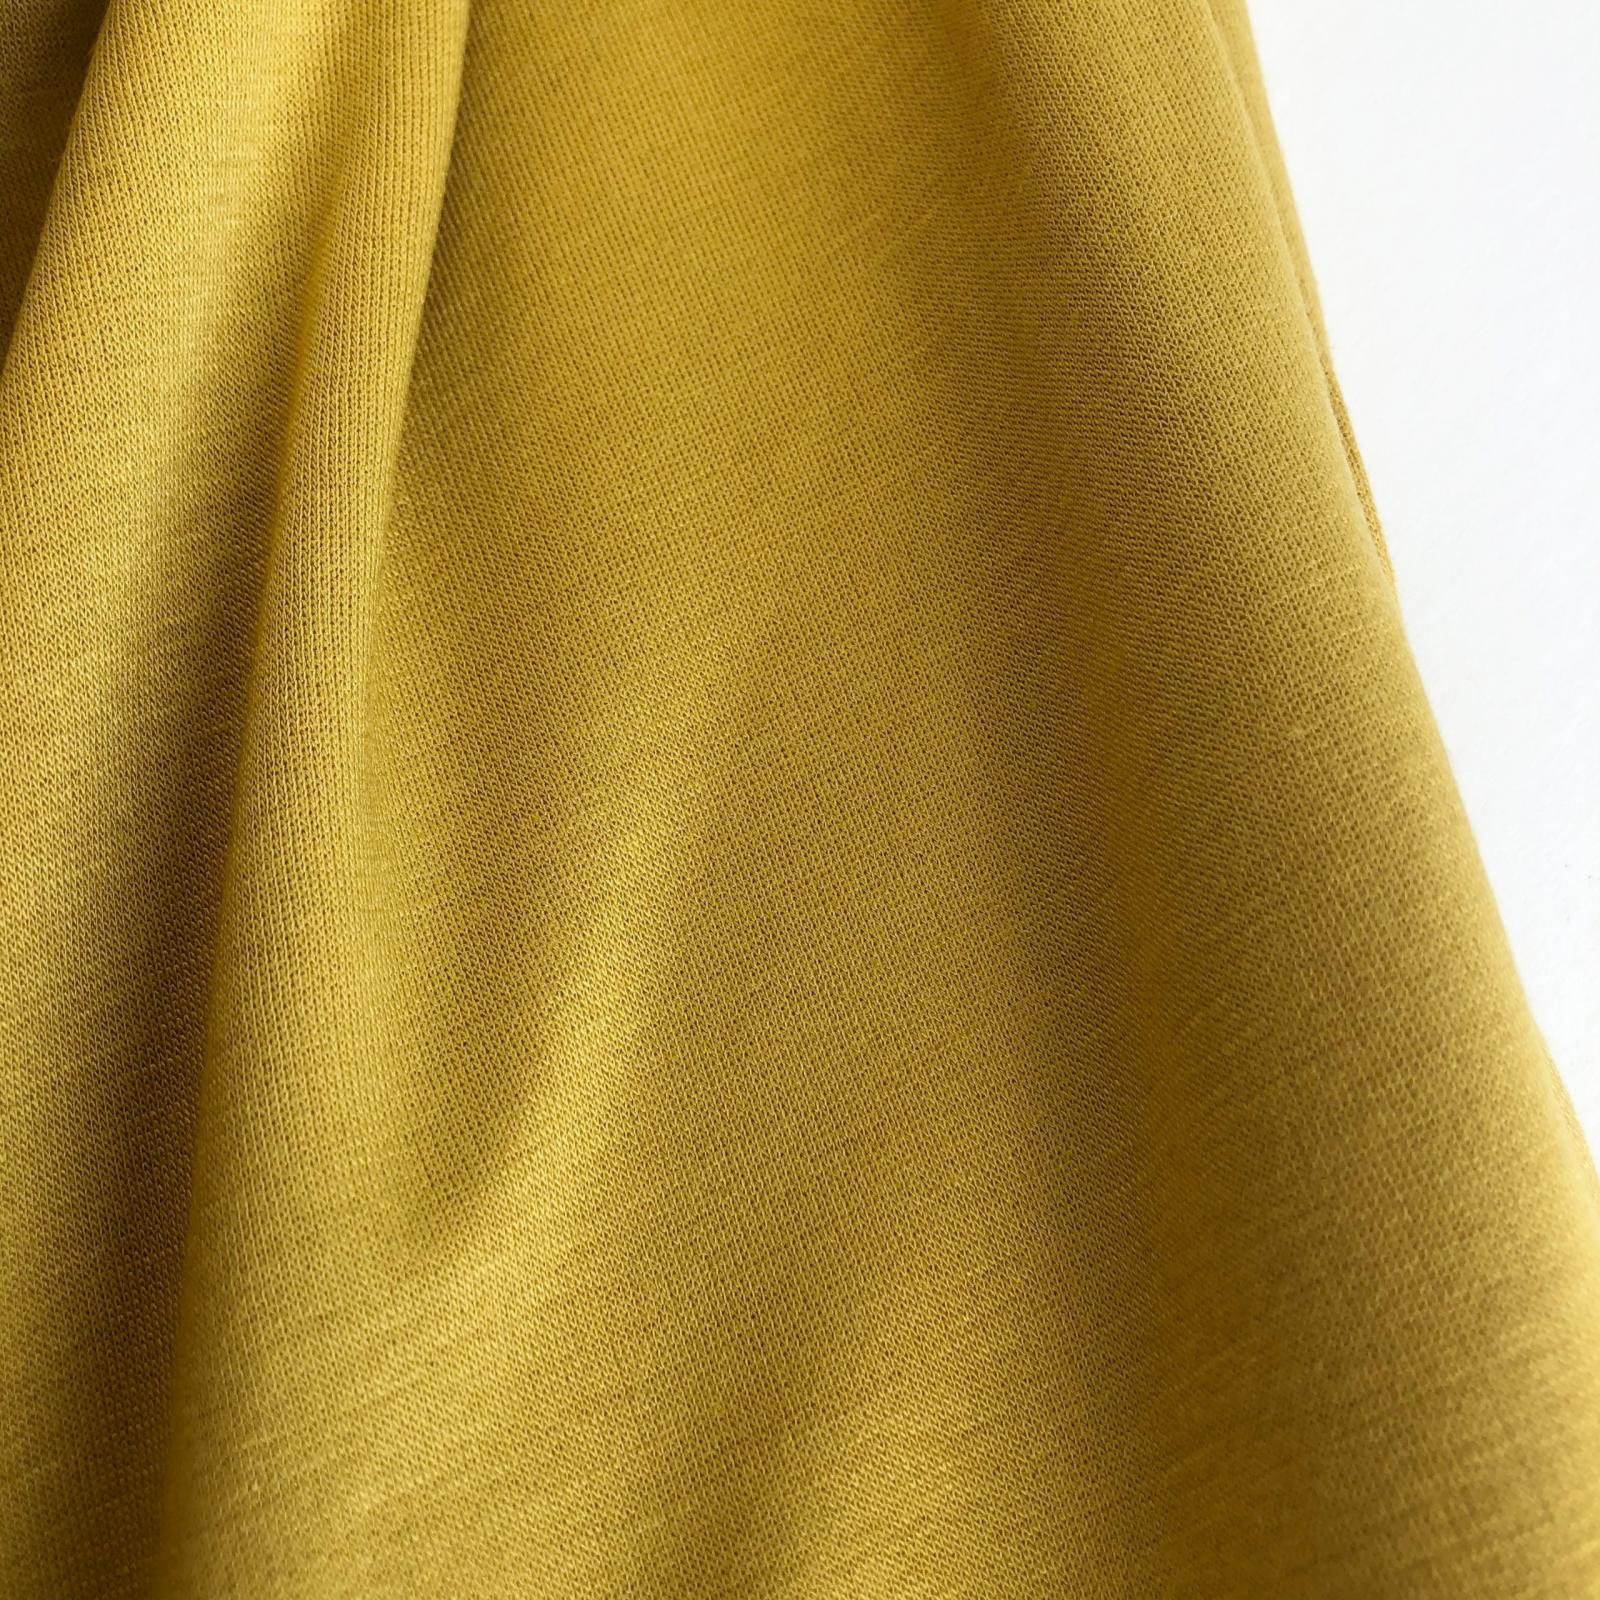 Rayon/Lycra 10 oz Sweatshirt Fleece - Gold